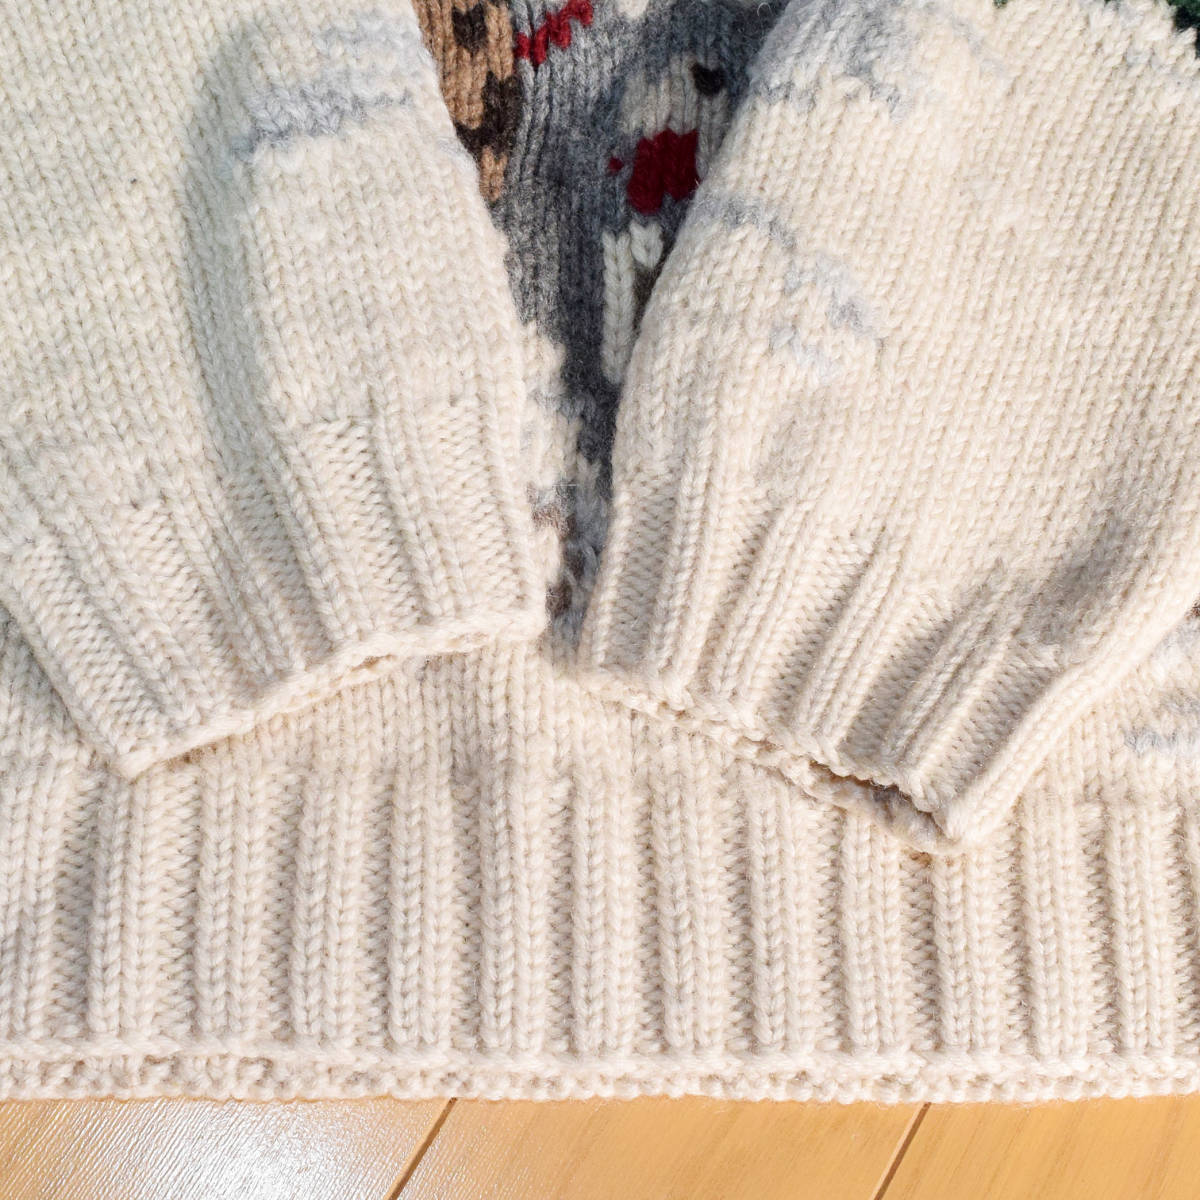 美品◆ラルフローレン ネイティブ ハンドニット 厚手 タートルネック セーター メンズS M 犬 インディアン 雪 古着 ビンテージ 80s 90s_画像5